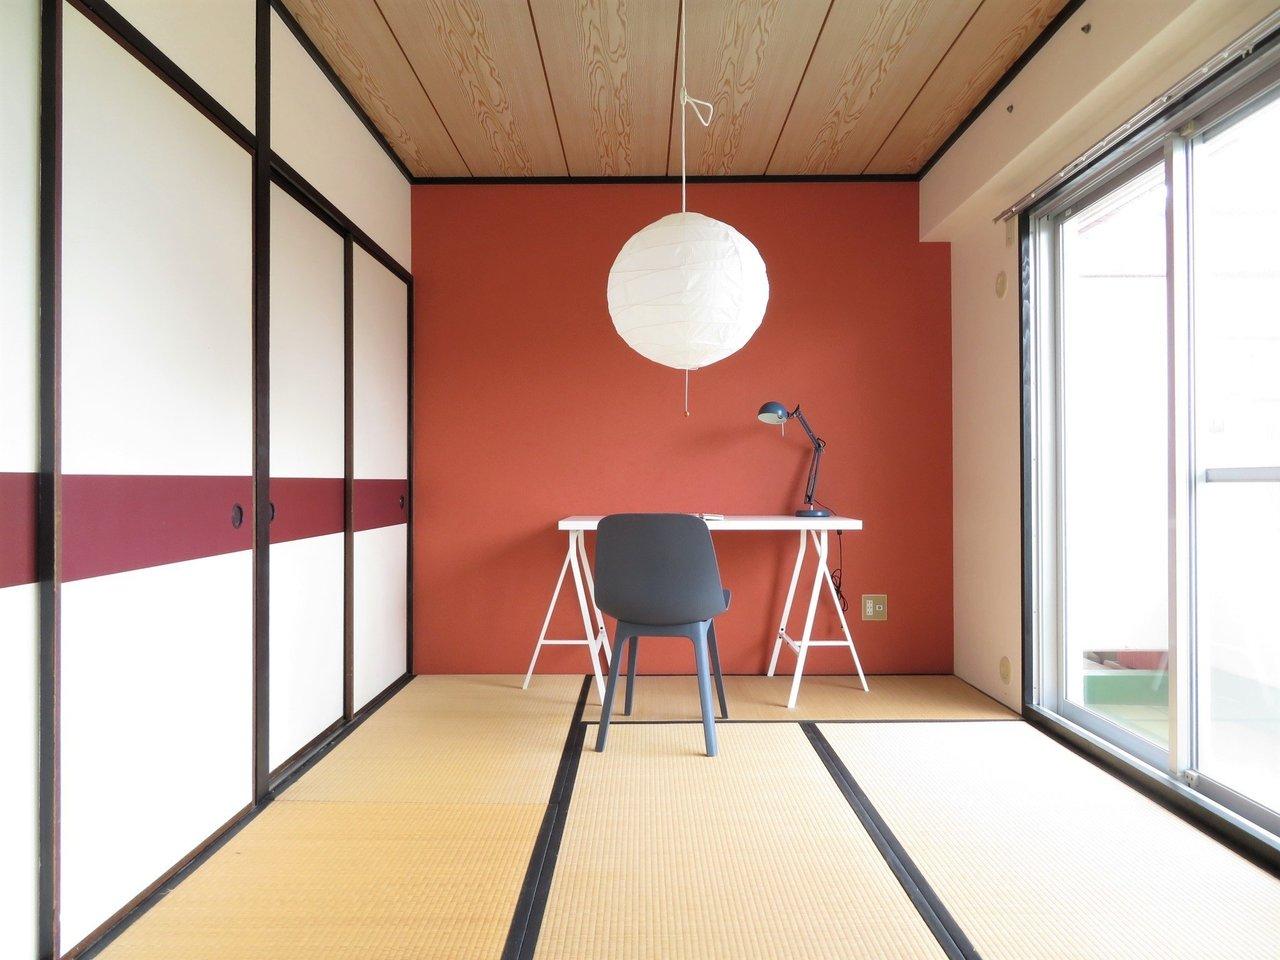 リビング以外の2部屋は和室が。それぞれ、壁紙はシックな朱色と藍色。派手さはなく、畳にもよく合っています。